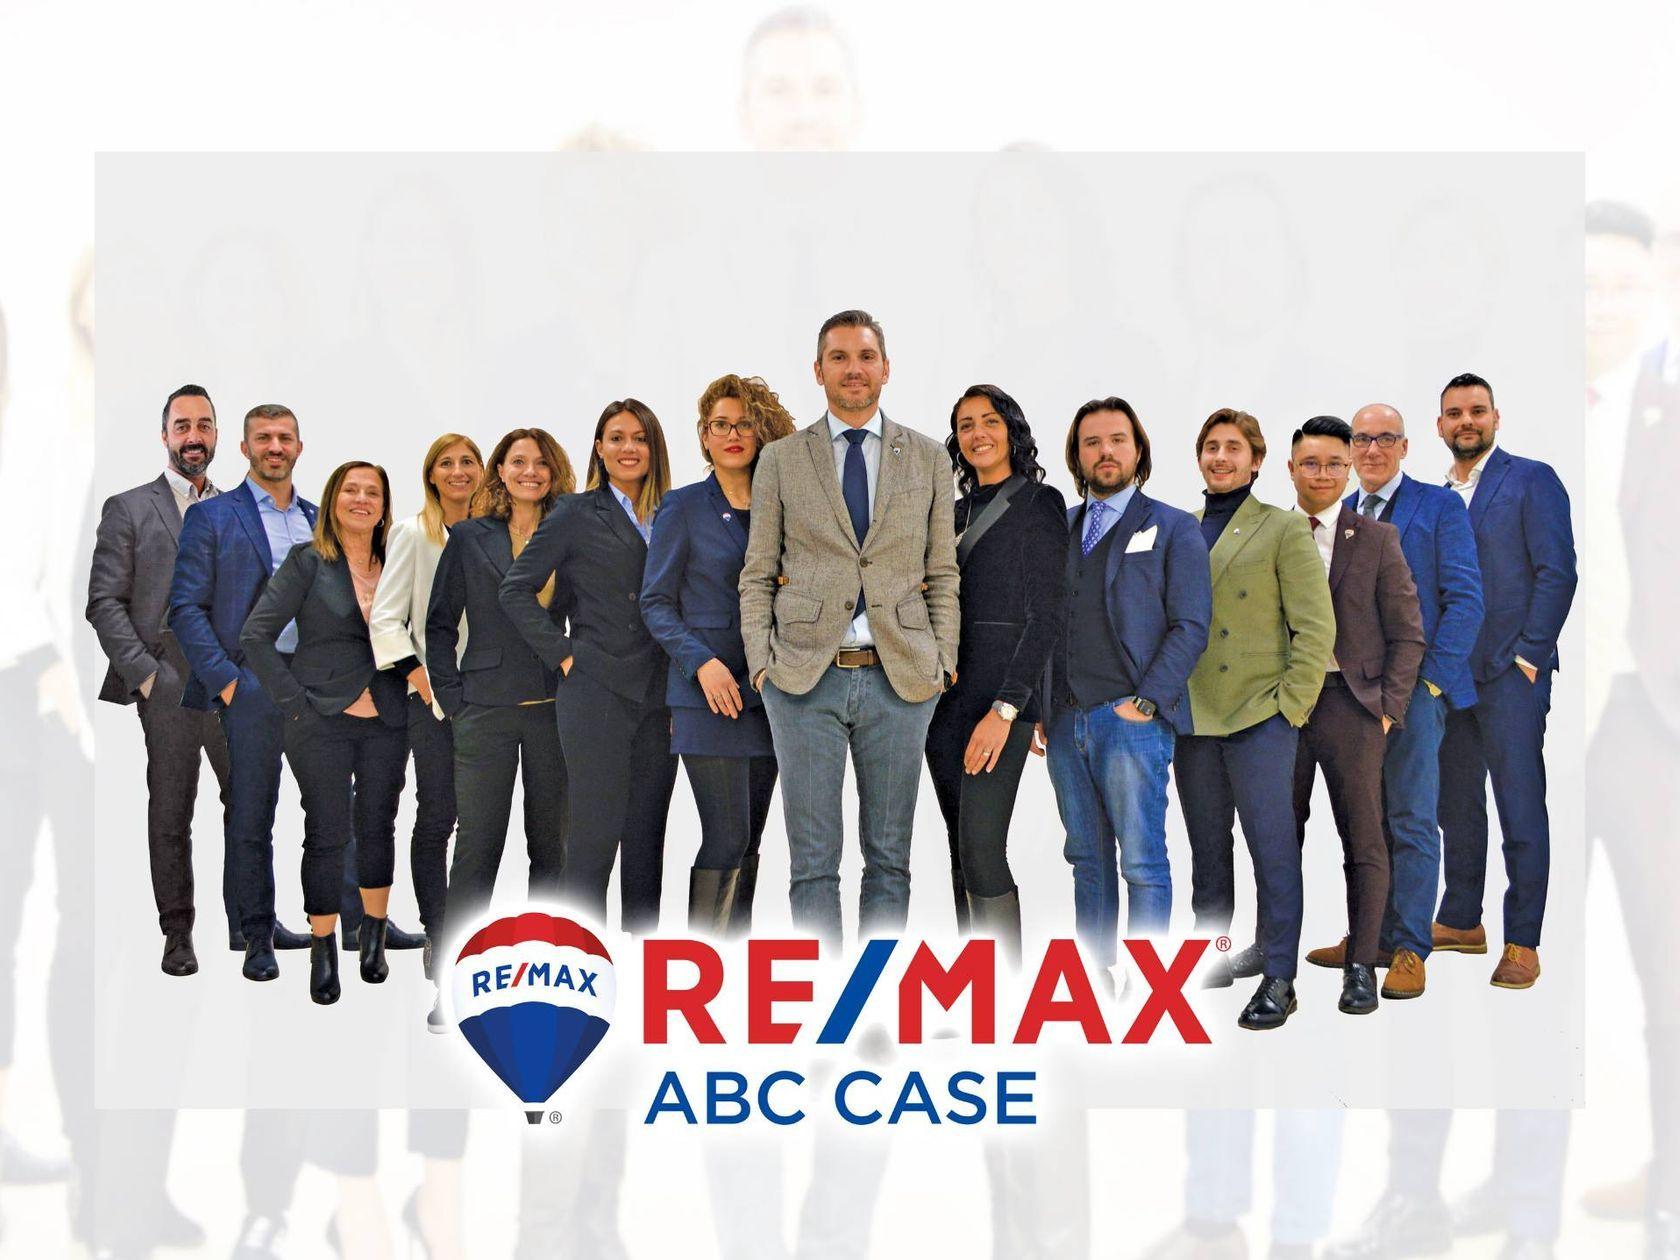 Agenzia Immobiliare Vigodarzere re/max abccase: agenzia immobiliare rubano